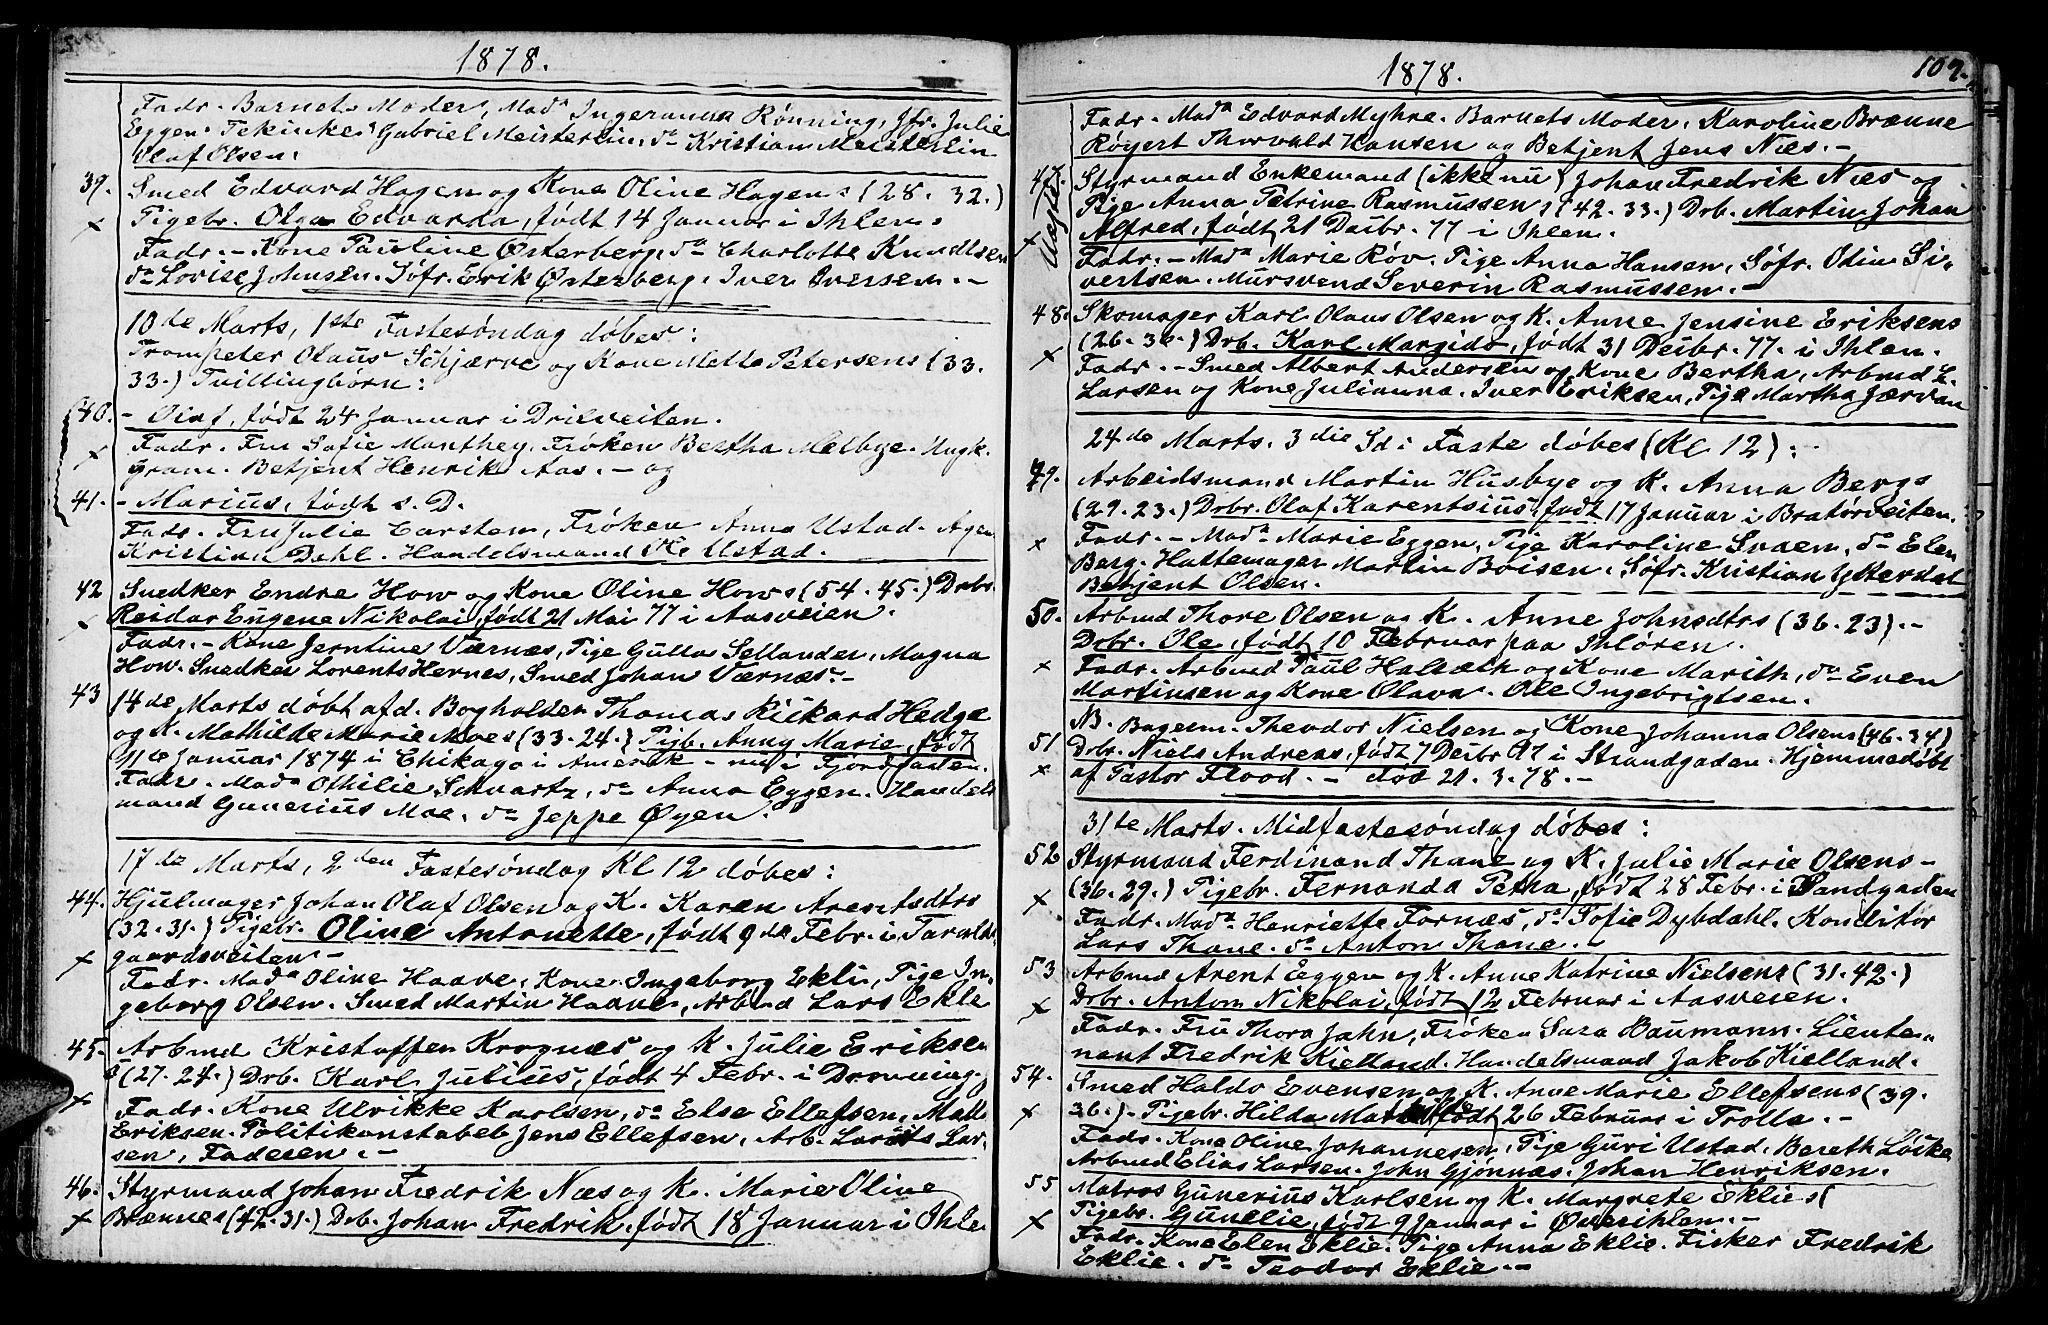 SAT, Ministerialprotokoller, klokkerbøker og fødselsregistre - Sør-Trøndelag, 602/L0142: Klokkerbok nr. 602C10, 1872-1894, s. 109